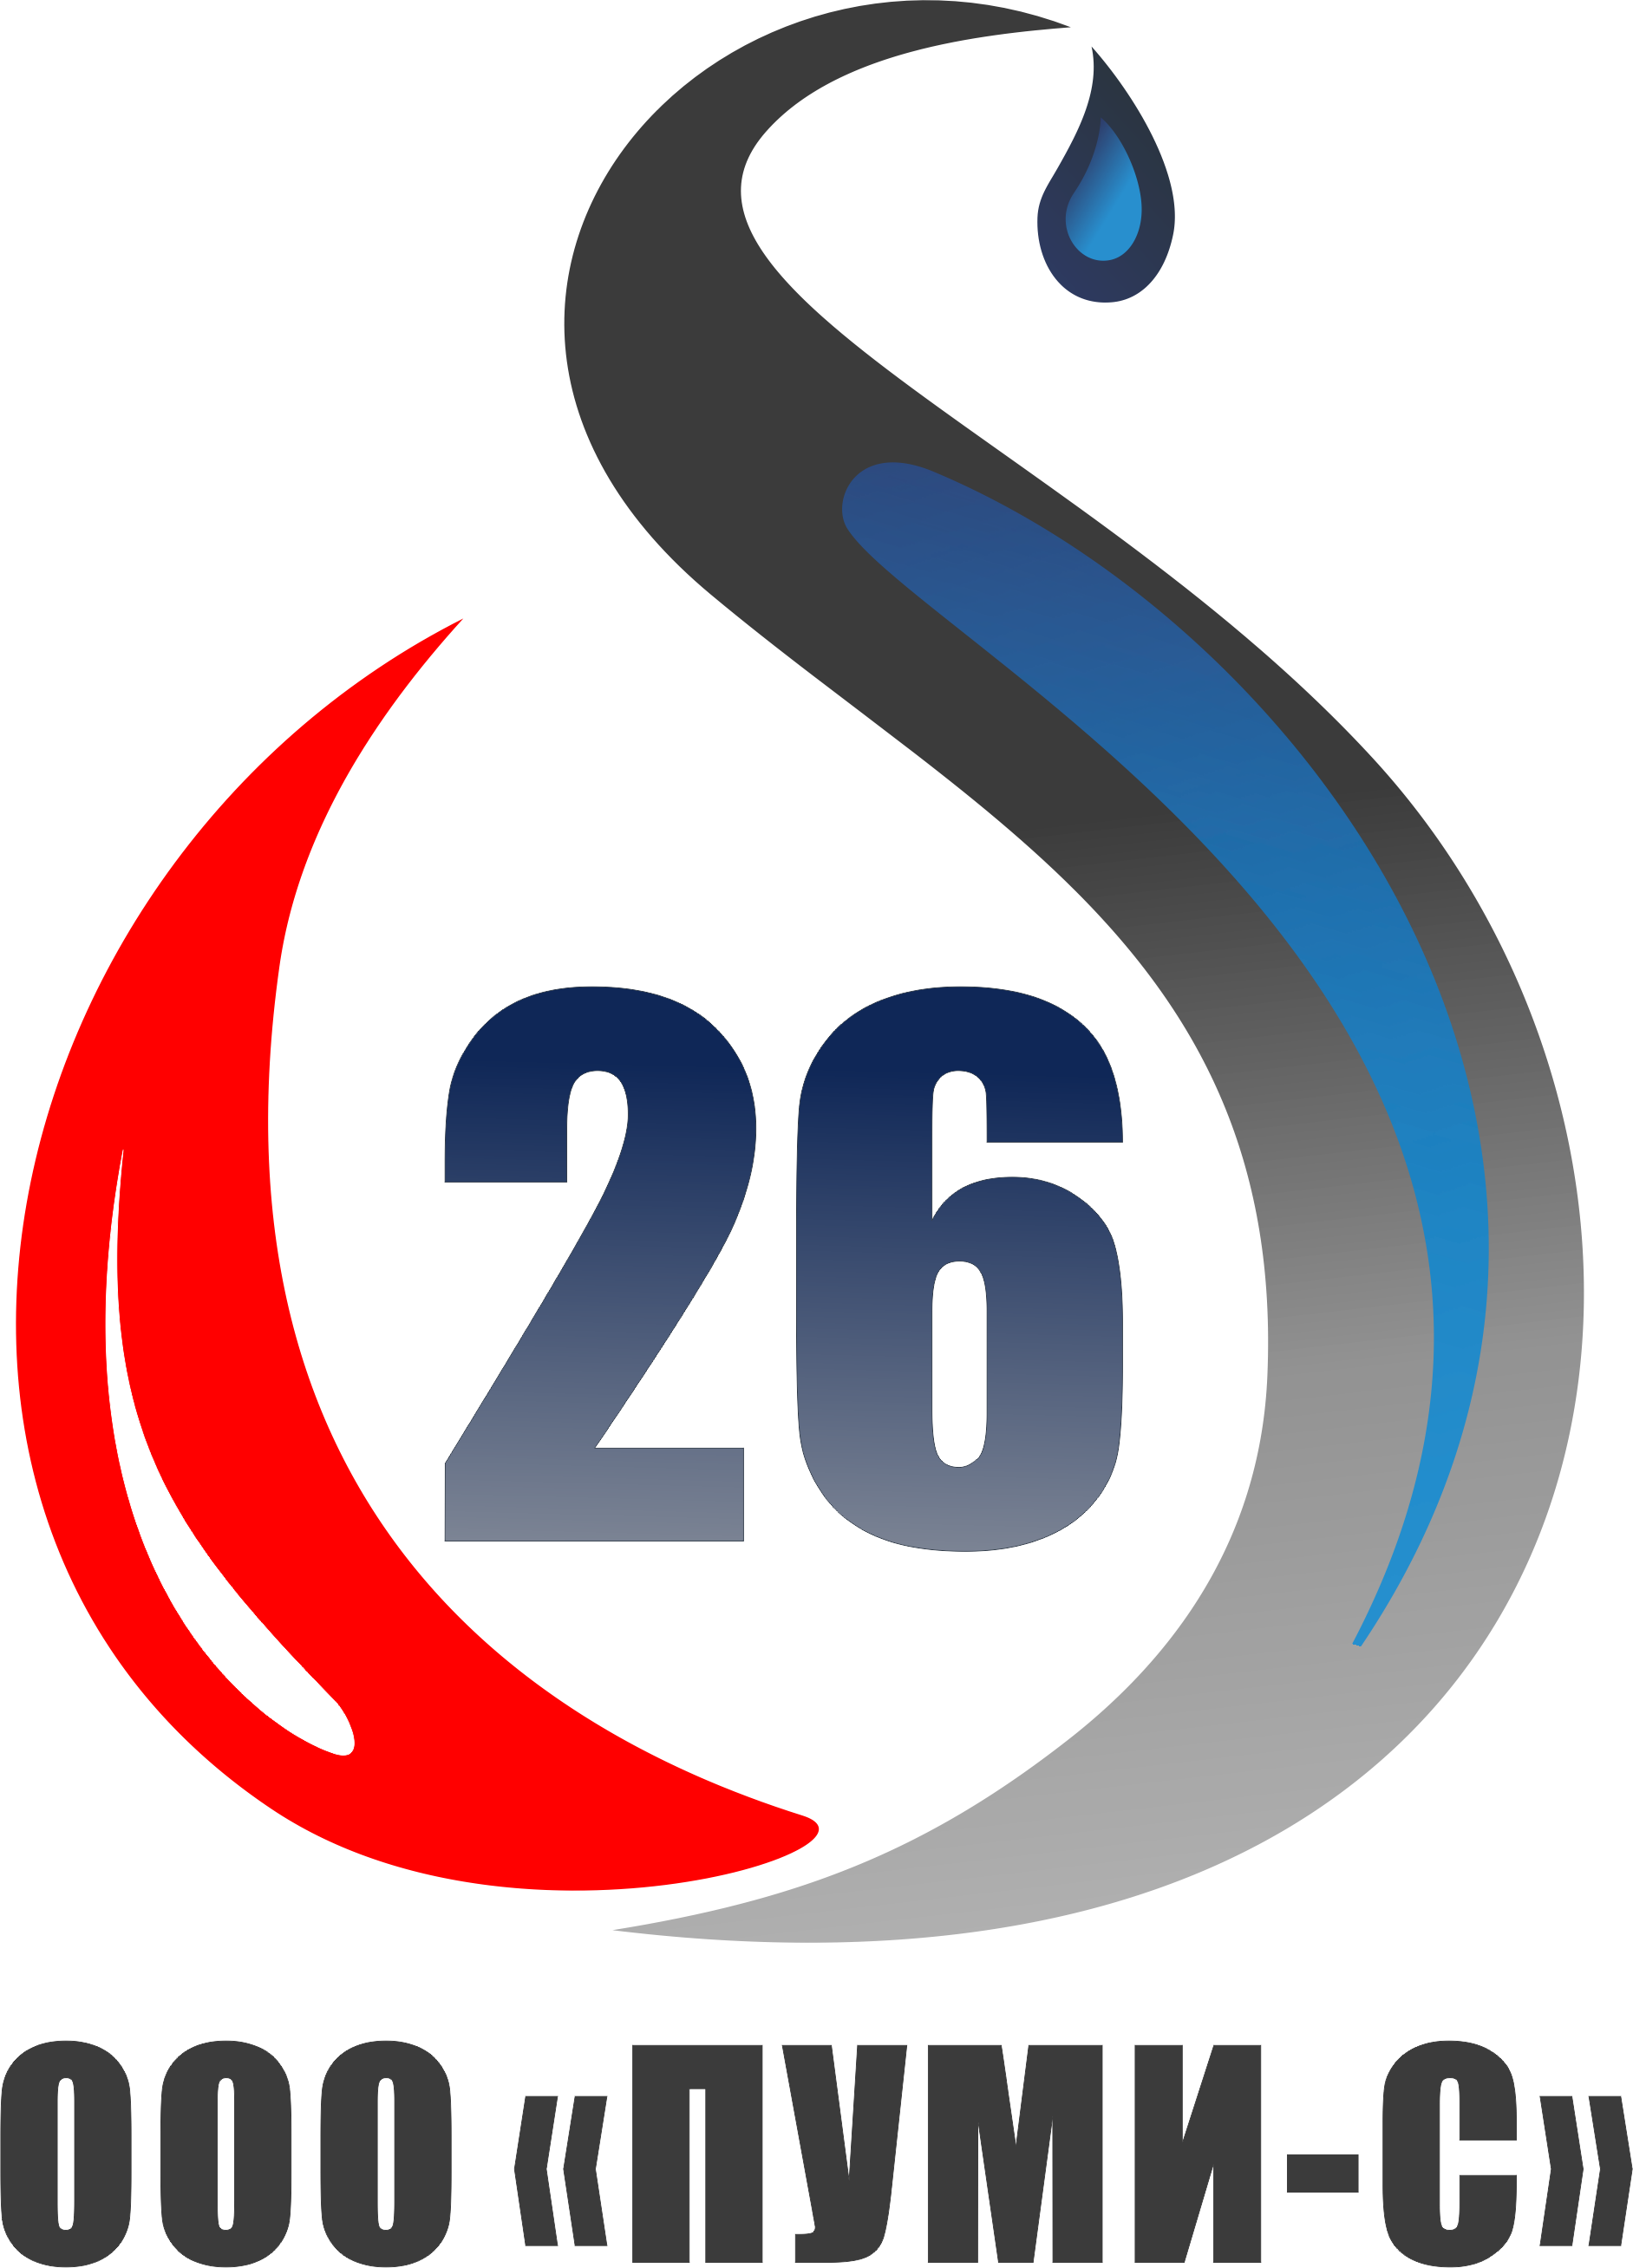 Компании Пуми-С - 26 лет!